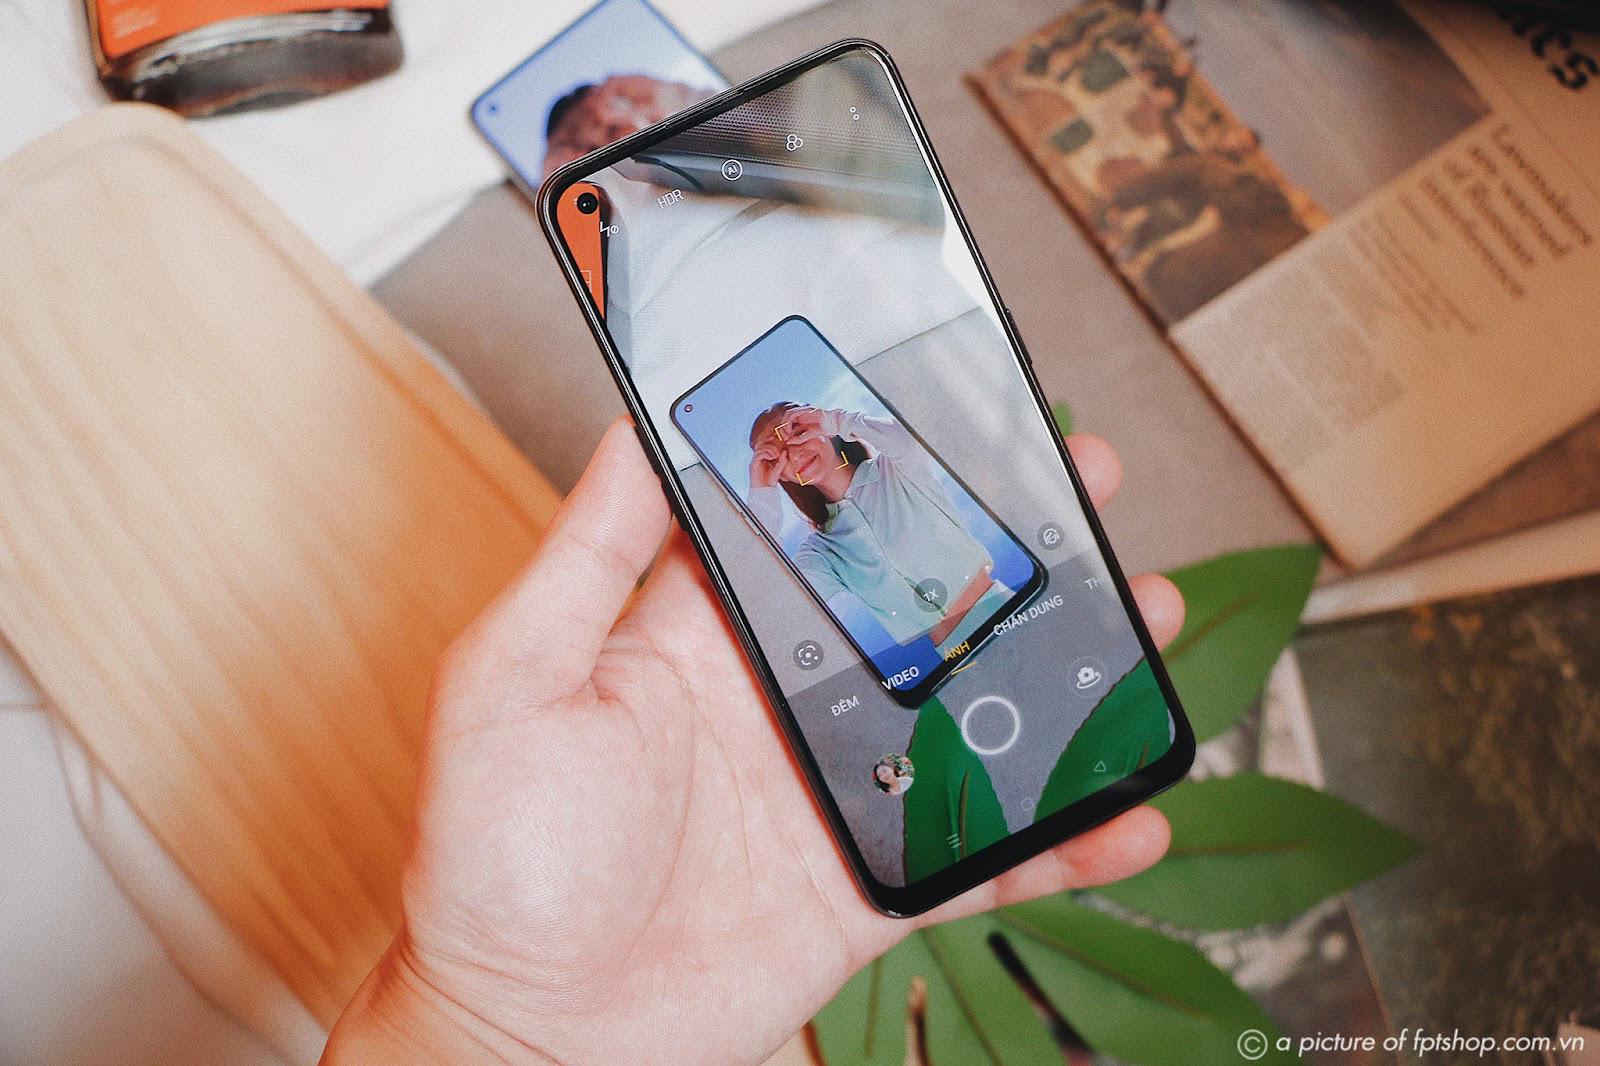 Cùng FPT Shop khám phá chiếc smartphone mà Sơn Tùng M-TP chọn để đón sinh nhật thứ 27 - Ảnh 6.